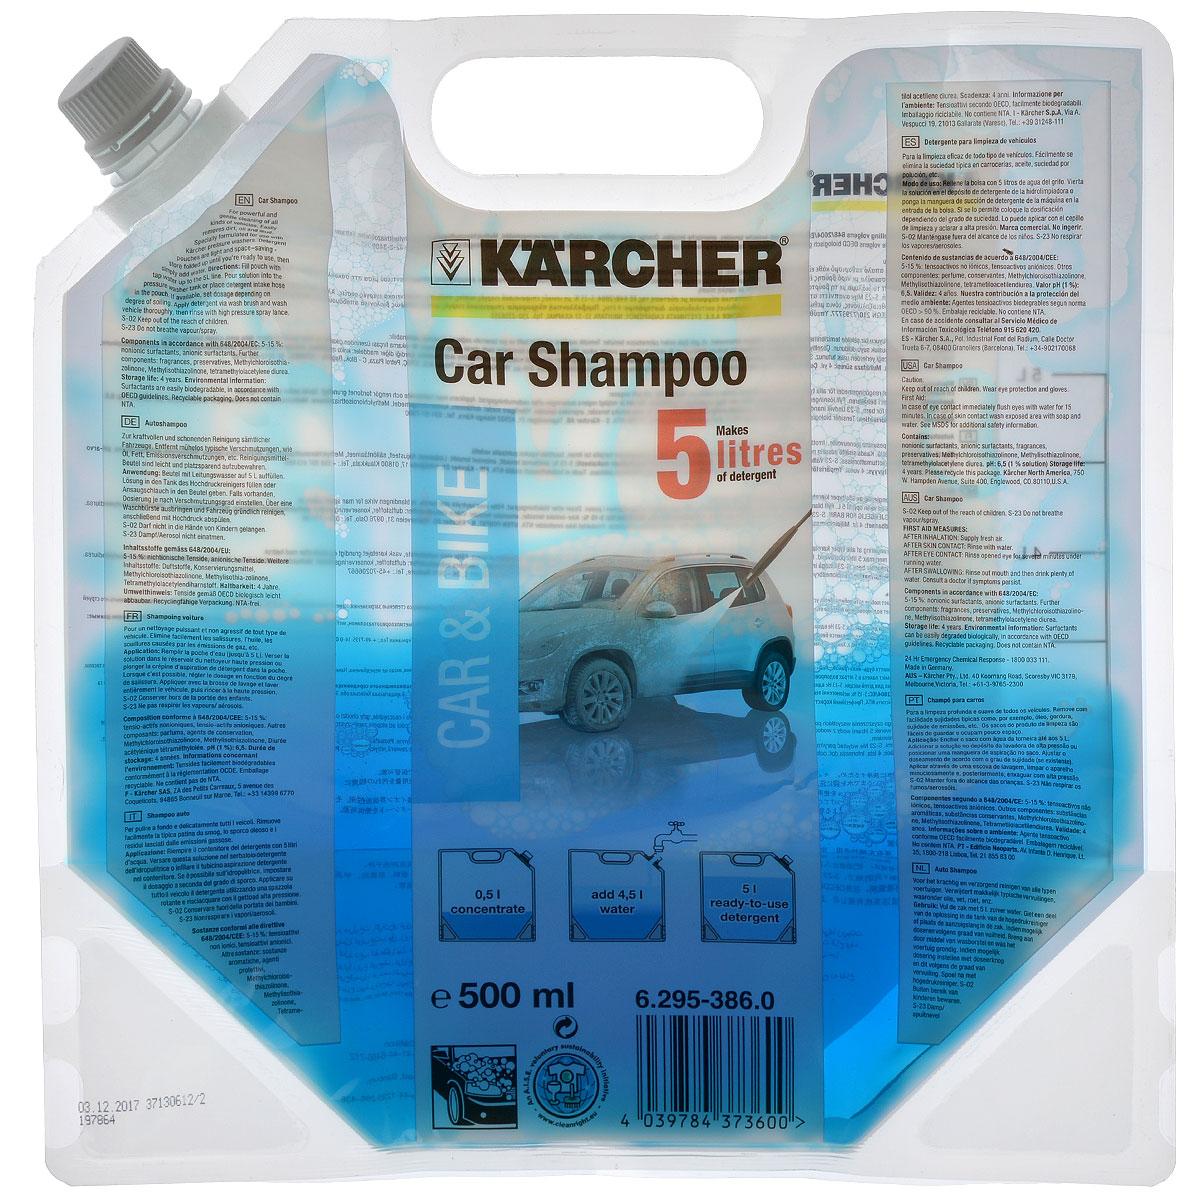 Автошампунь концентрированный Karcher 500мл 6.295-386.06.295-386.0Мягкий пенистый шампунь Karcher бережно и тщательно очищает любые автомобили. Легко устраняет все типичные загрязнения - масла, смазки, атмосферные загрязнения и т.д.Состав: 5-15% неионные тензиды, анионные тензиды, ароматизаторы, консервант, метилхлоризотиазолинон, метилизотиазолинон, тетраметилол-ацетилендиуриа.